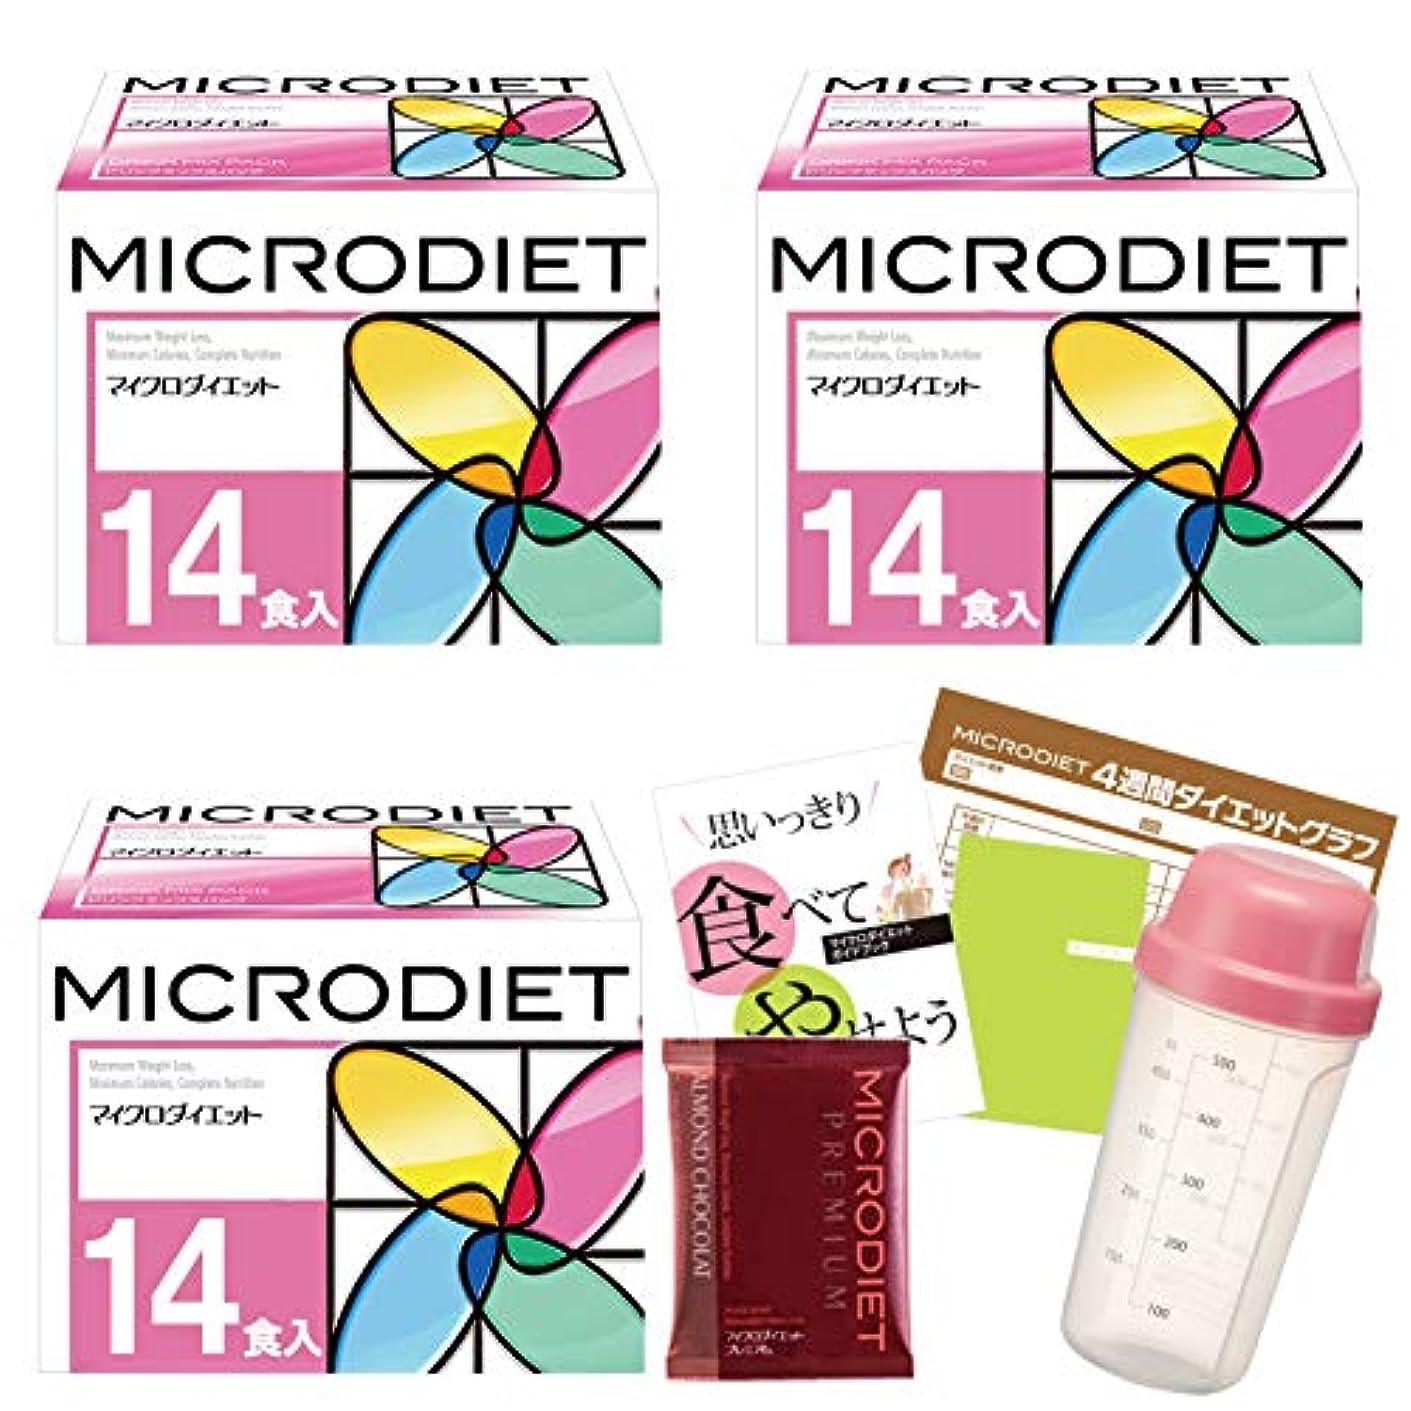 用心深い第二にパッドマイクロダイエット2箱セット+豪華プレゼント(ドリンク2箱:G1002)